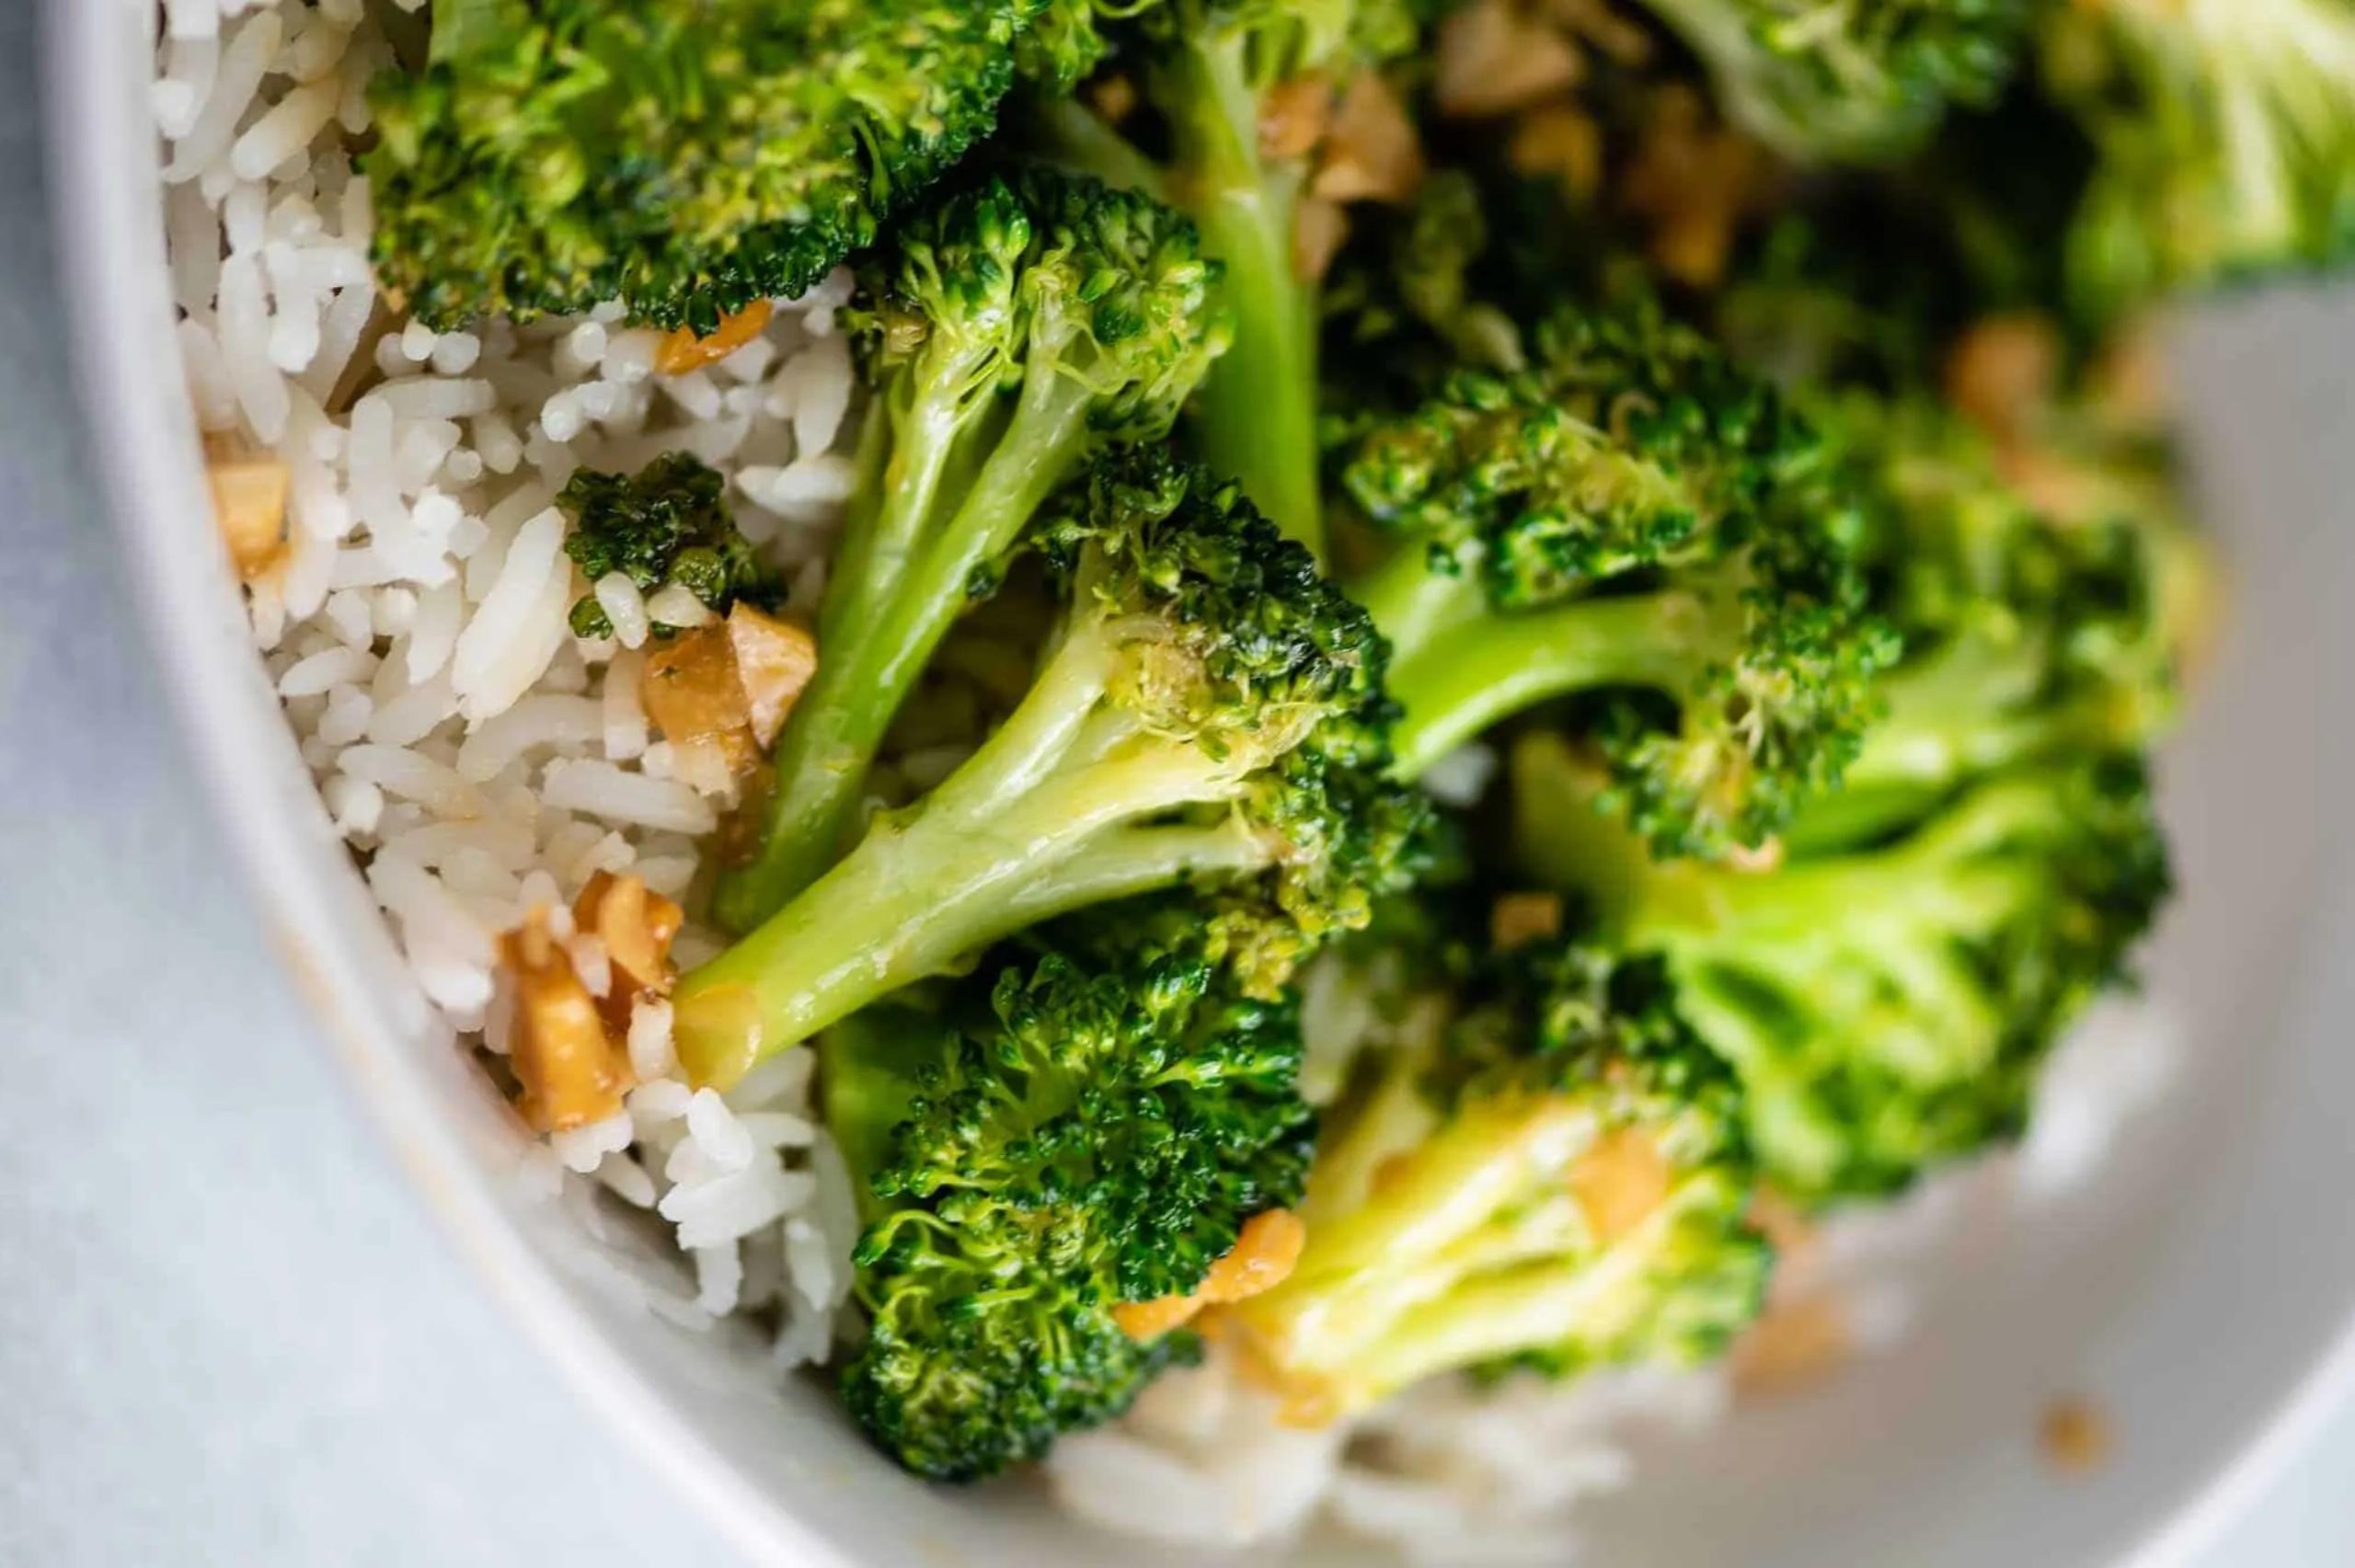 Stir Fried Broccoli with Rice